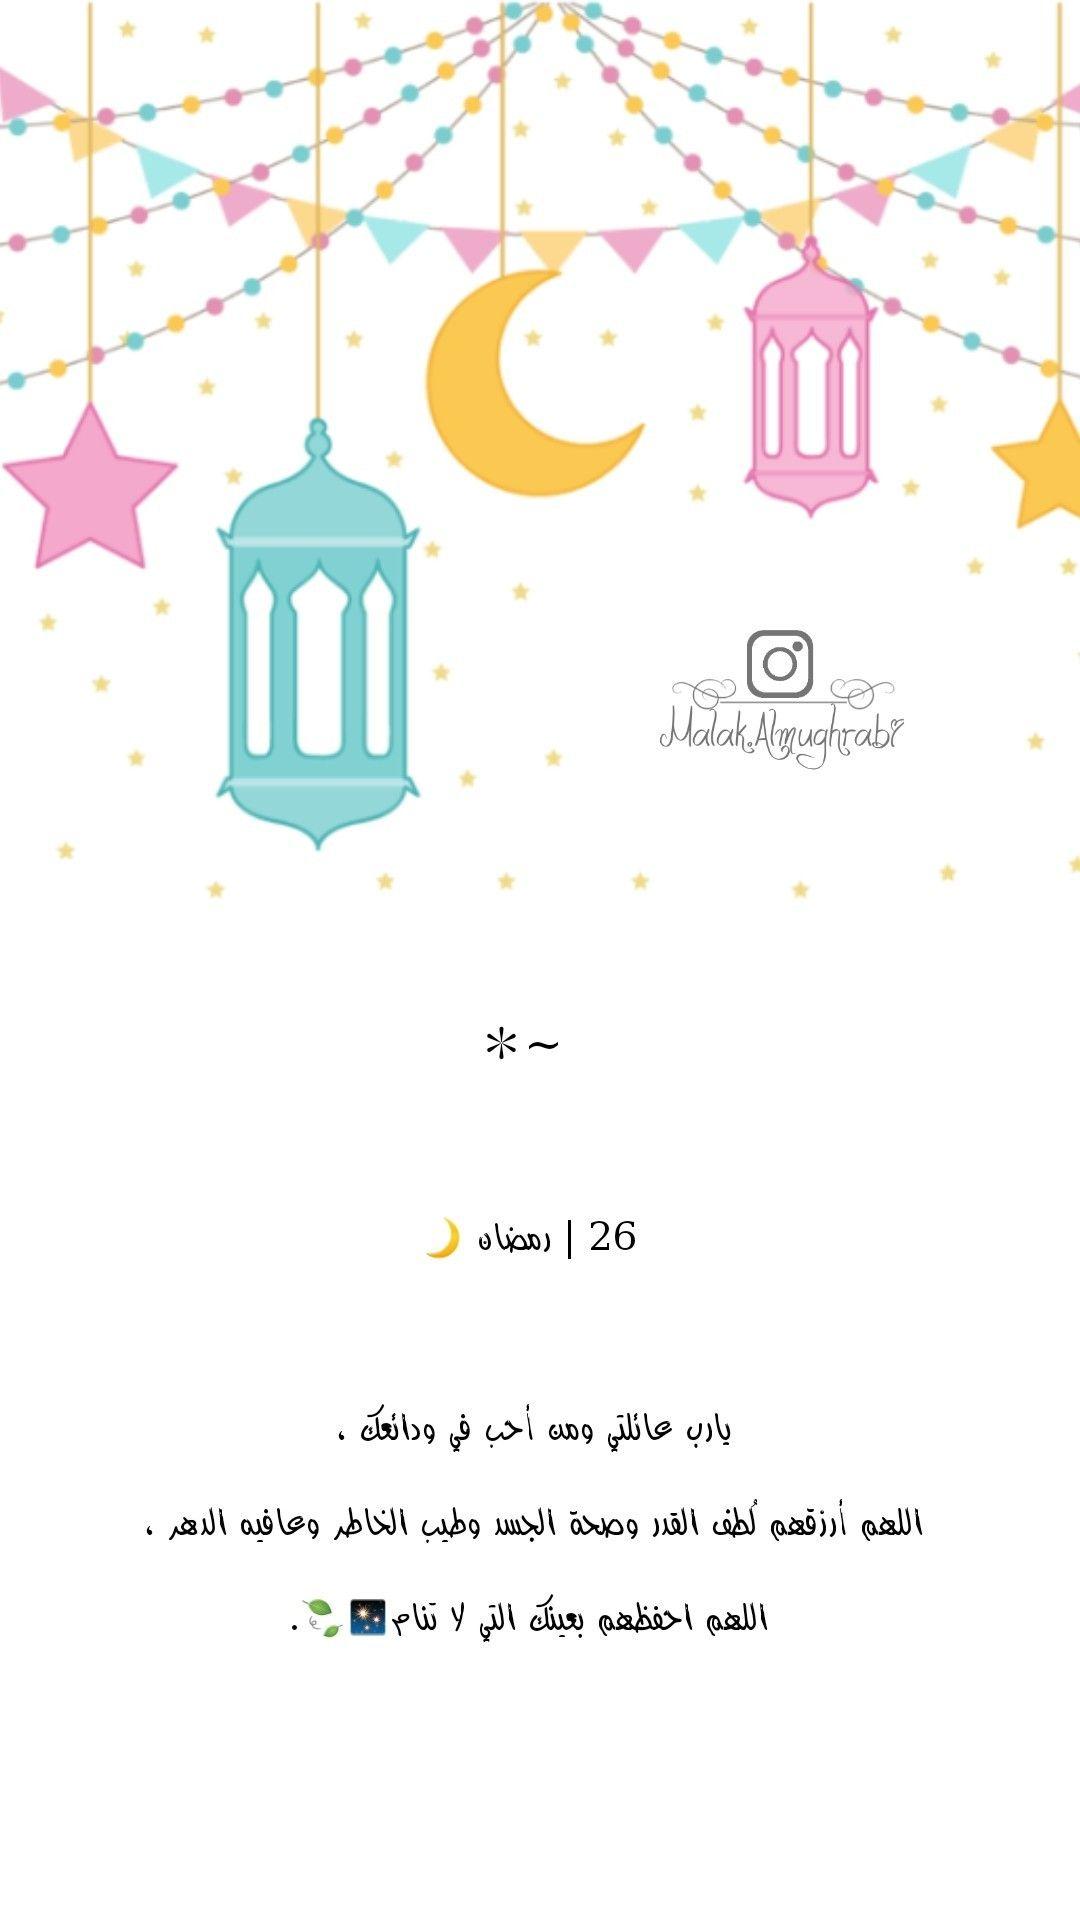 26 رمضان يارب عائلتي ومن أحب في ودائعك اللهم أرزقهم ل طف القدر وصحة الجسد وطيب الخاطر وعافيه الدهر ال Best Islamic Quotes Ramadan Ramadan Kareem